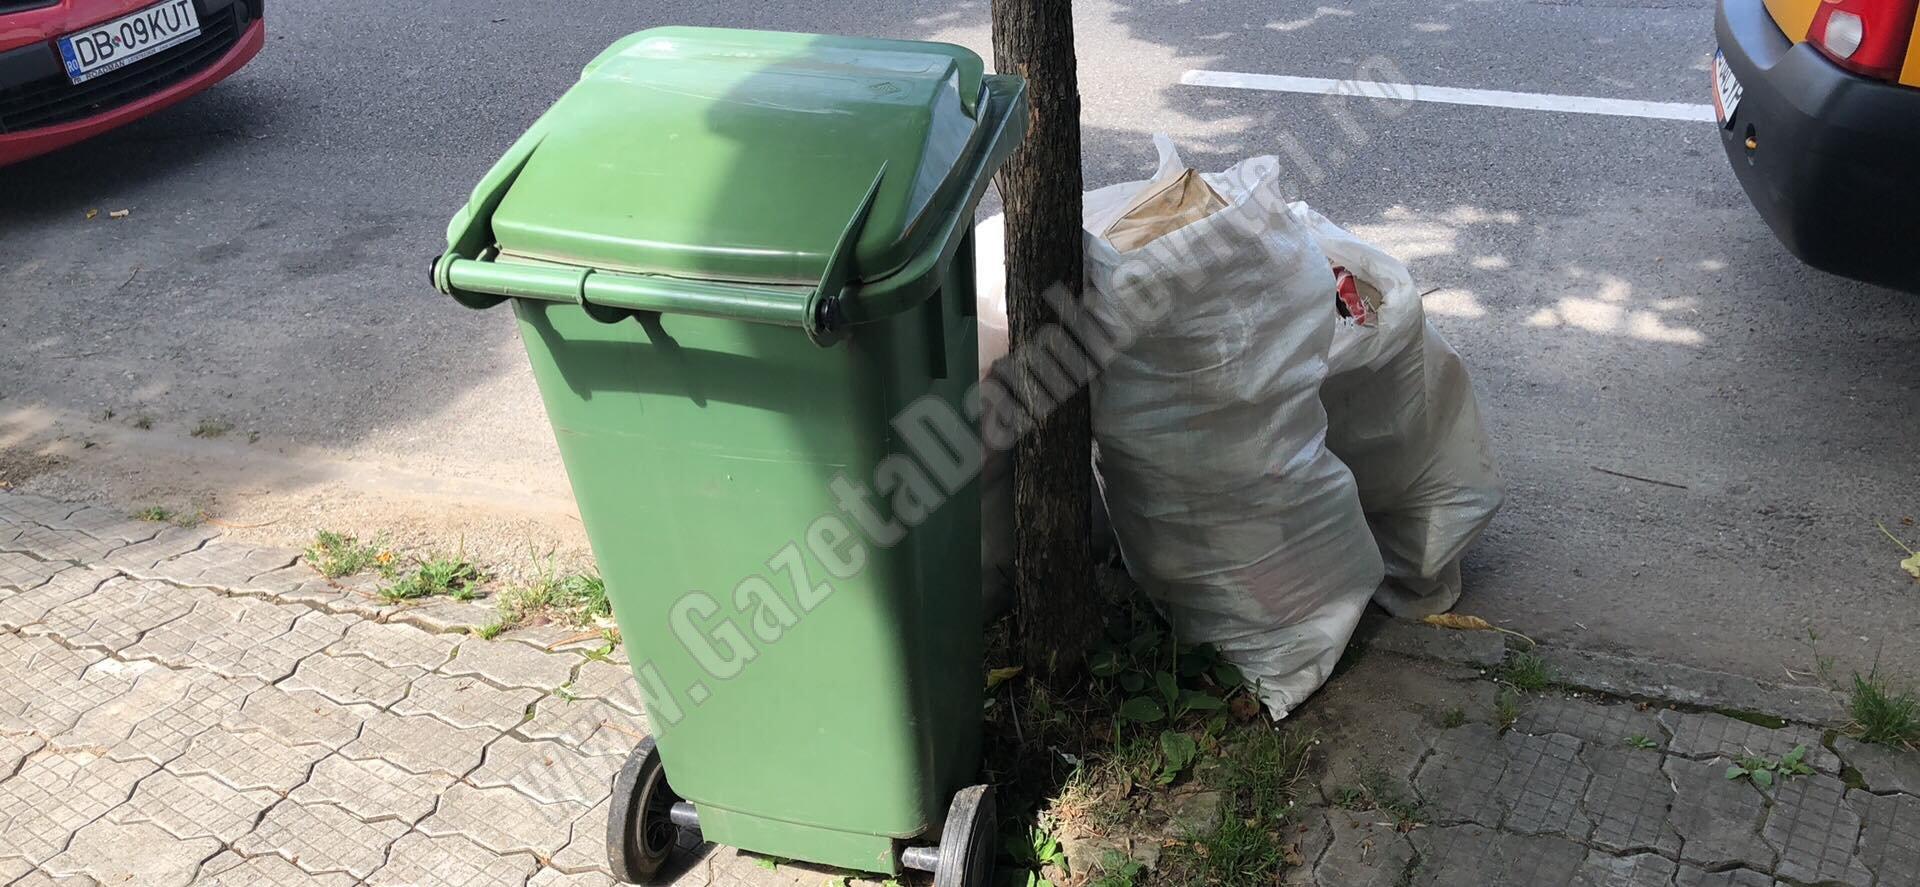 Luni și marți nu s-a colectat gunoiul în Târgoviște și alte zeci de localități. Ce se va întâmpla miercuri